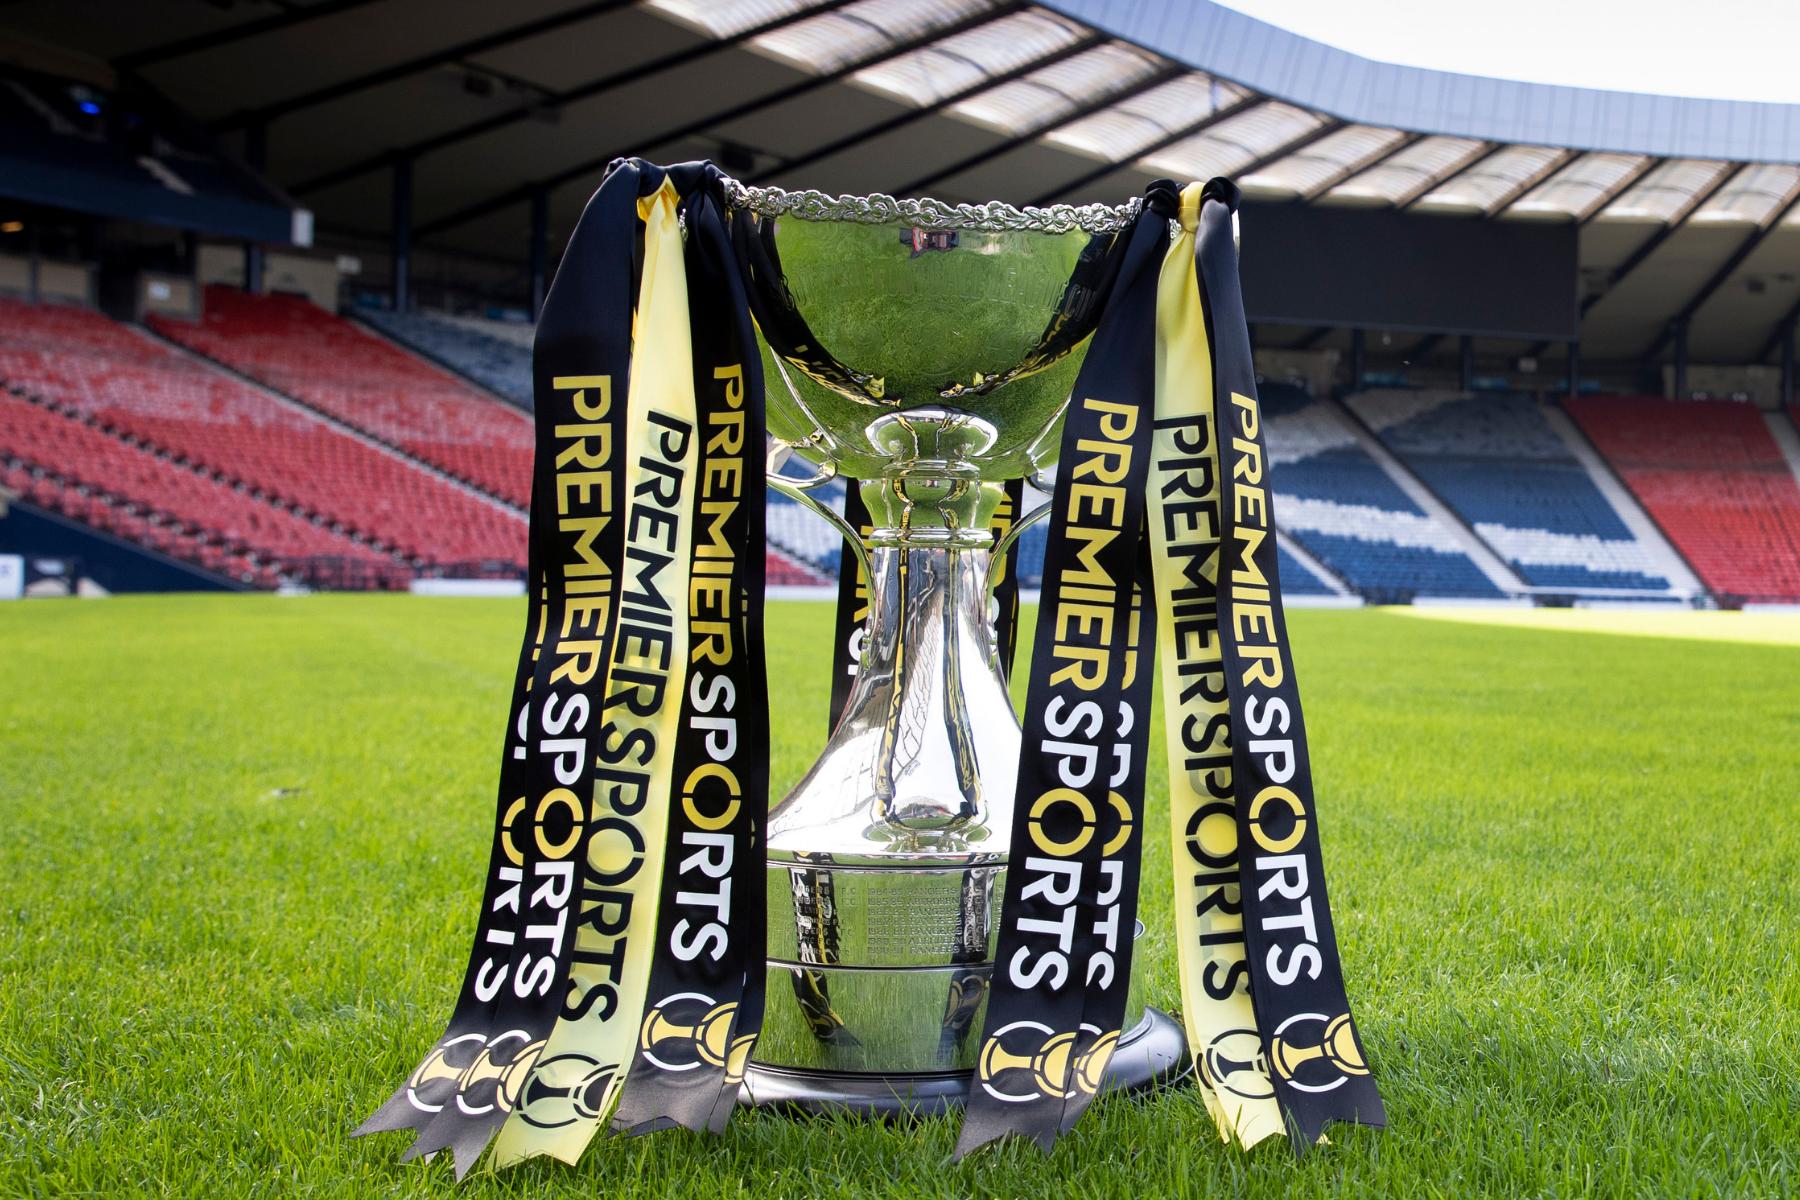 Harga tiket semifinal Piala Olahraga Premier dibekukan untuk penggemar Rangers, Celtic, Hibs & St Johnstone